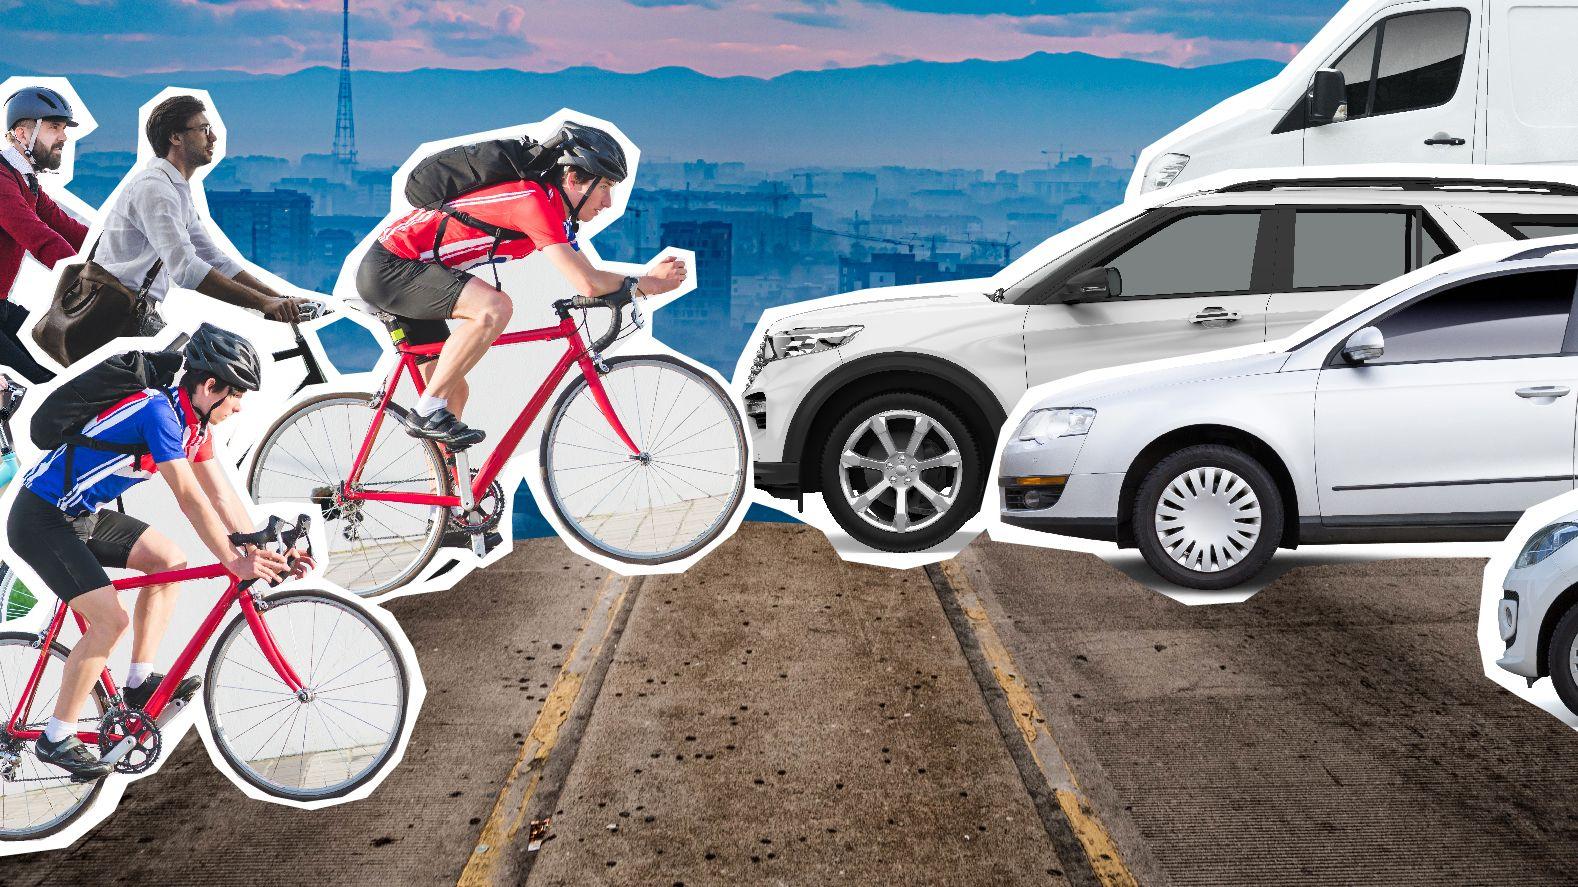 Auf Bayerns Straßen herrscht Krieg: Fahrrad gegen Auto.